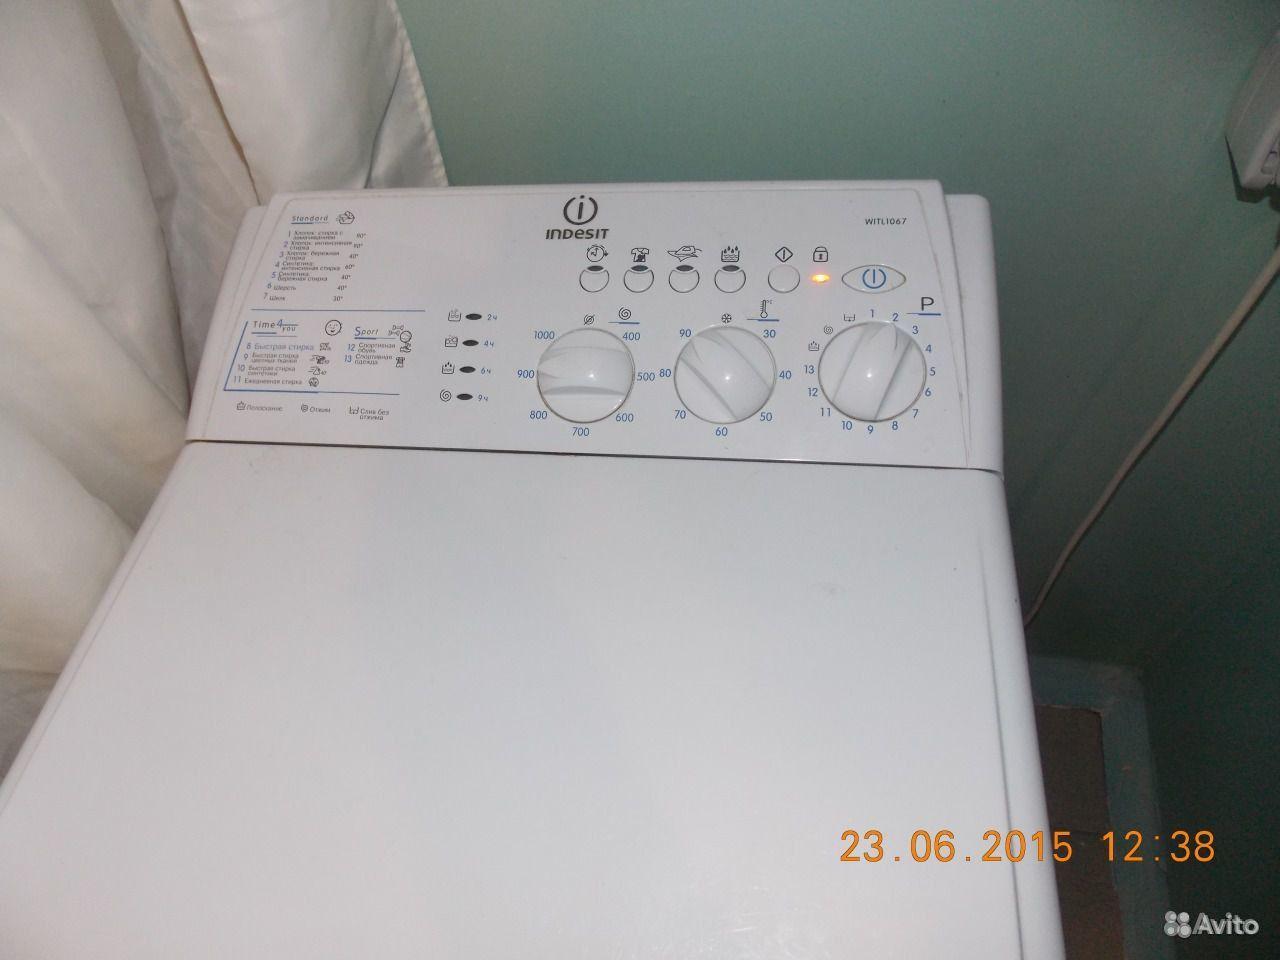 Неисправности стиральной машины Индезит: коды ошибок и